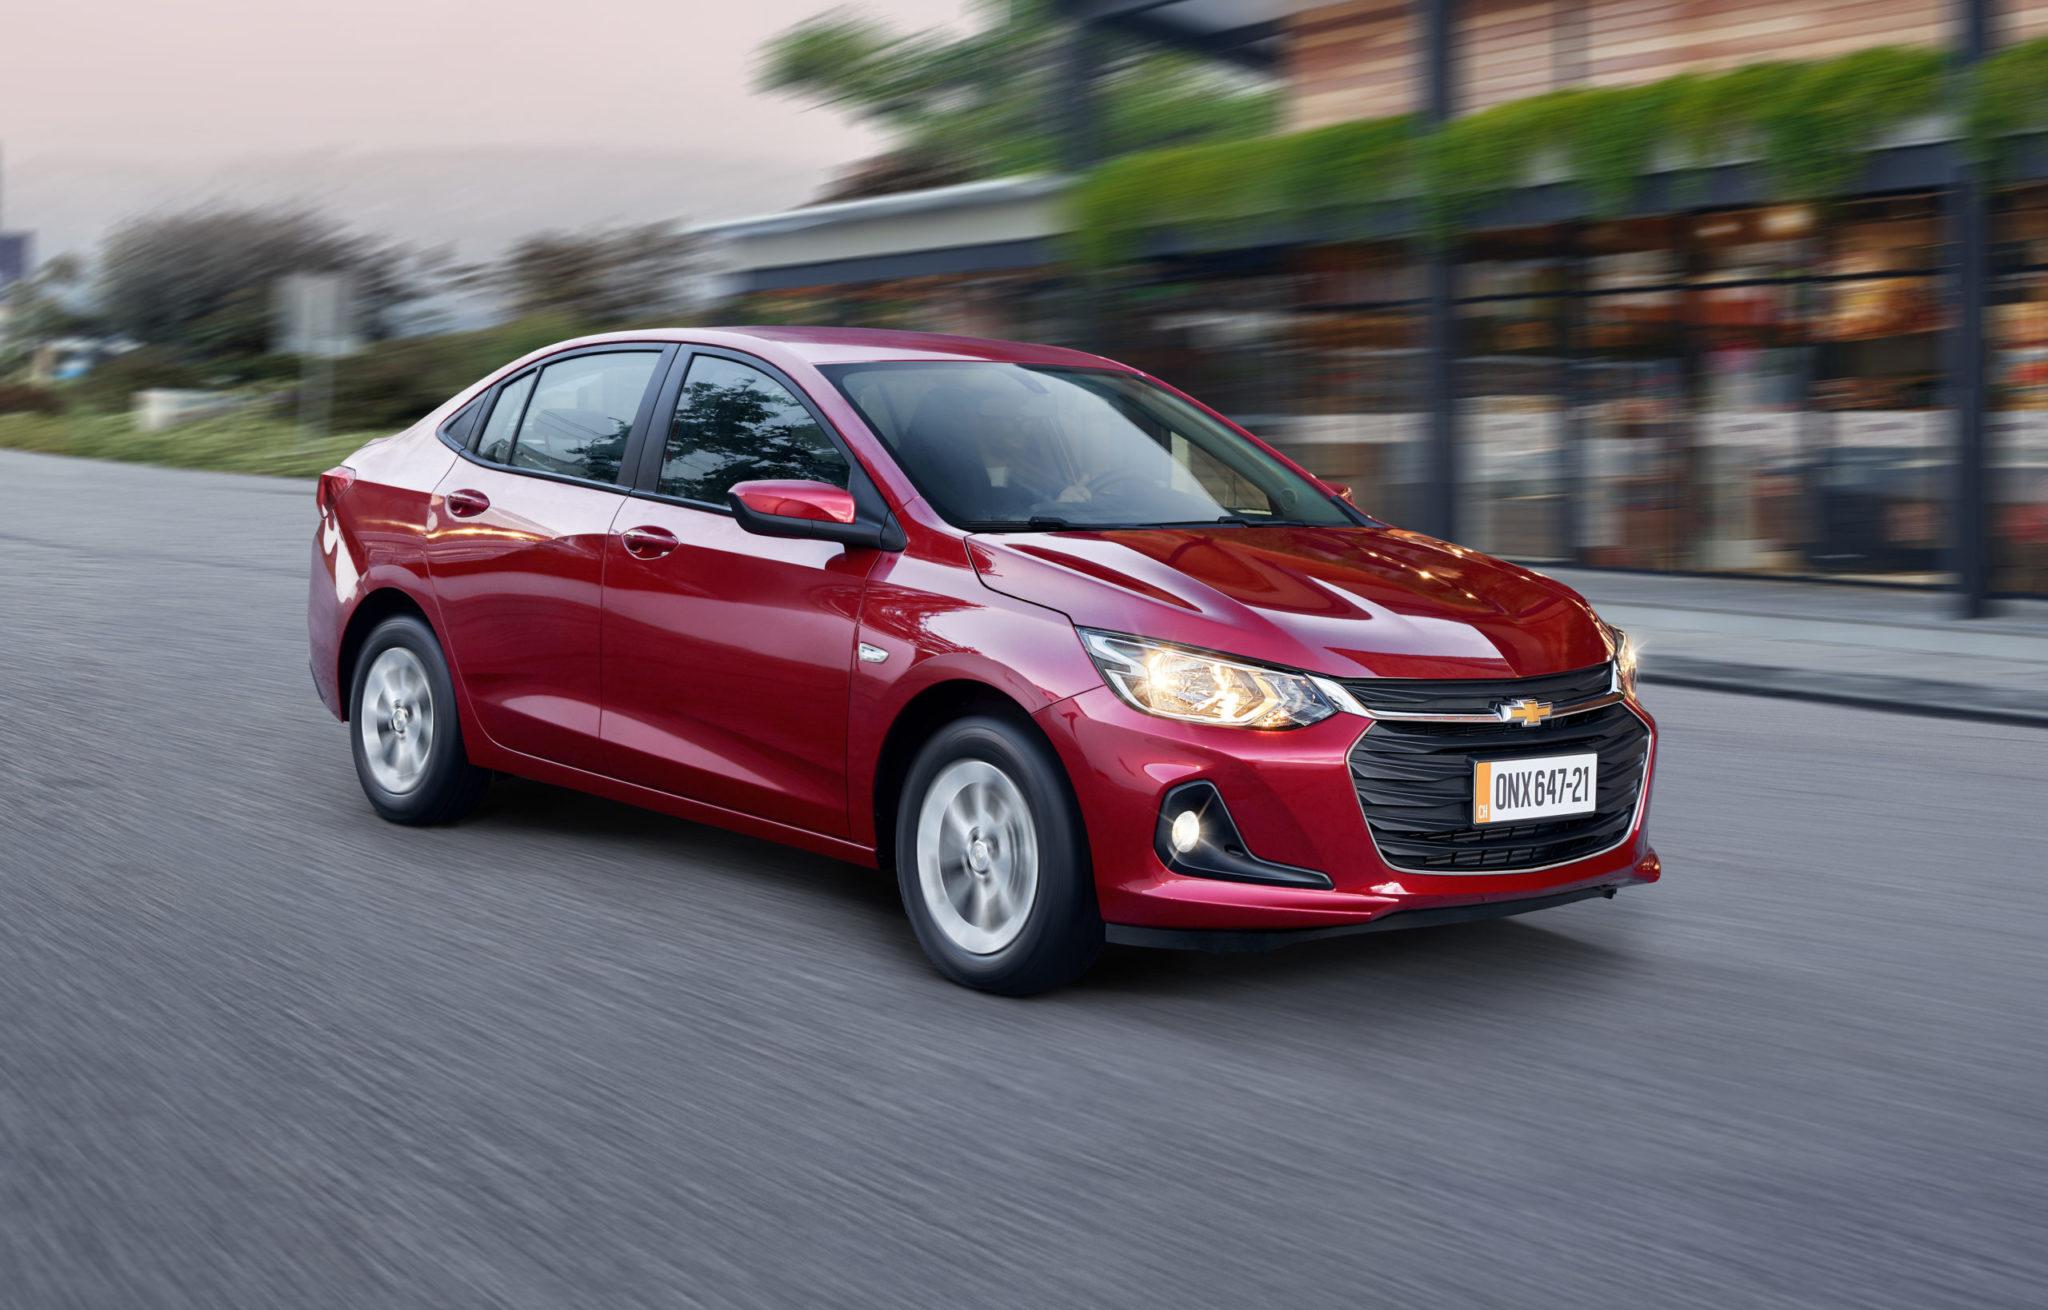 El Nuevo Chevrolet Onix Elegante Seguro Y Conectado En Todo Momento Acelerando